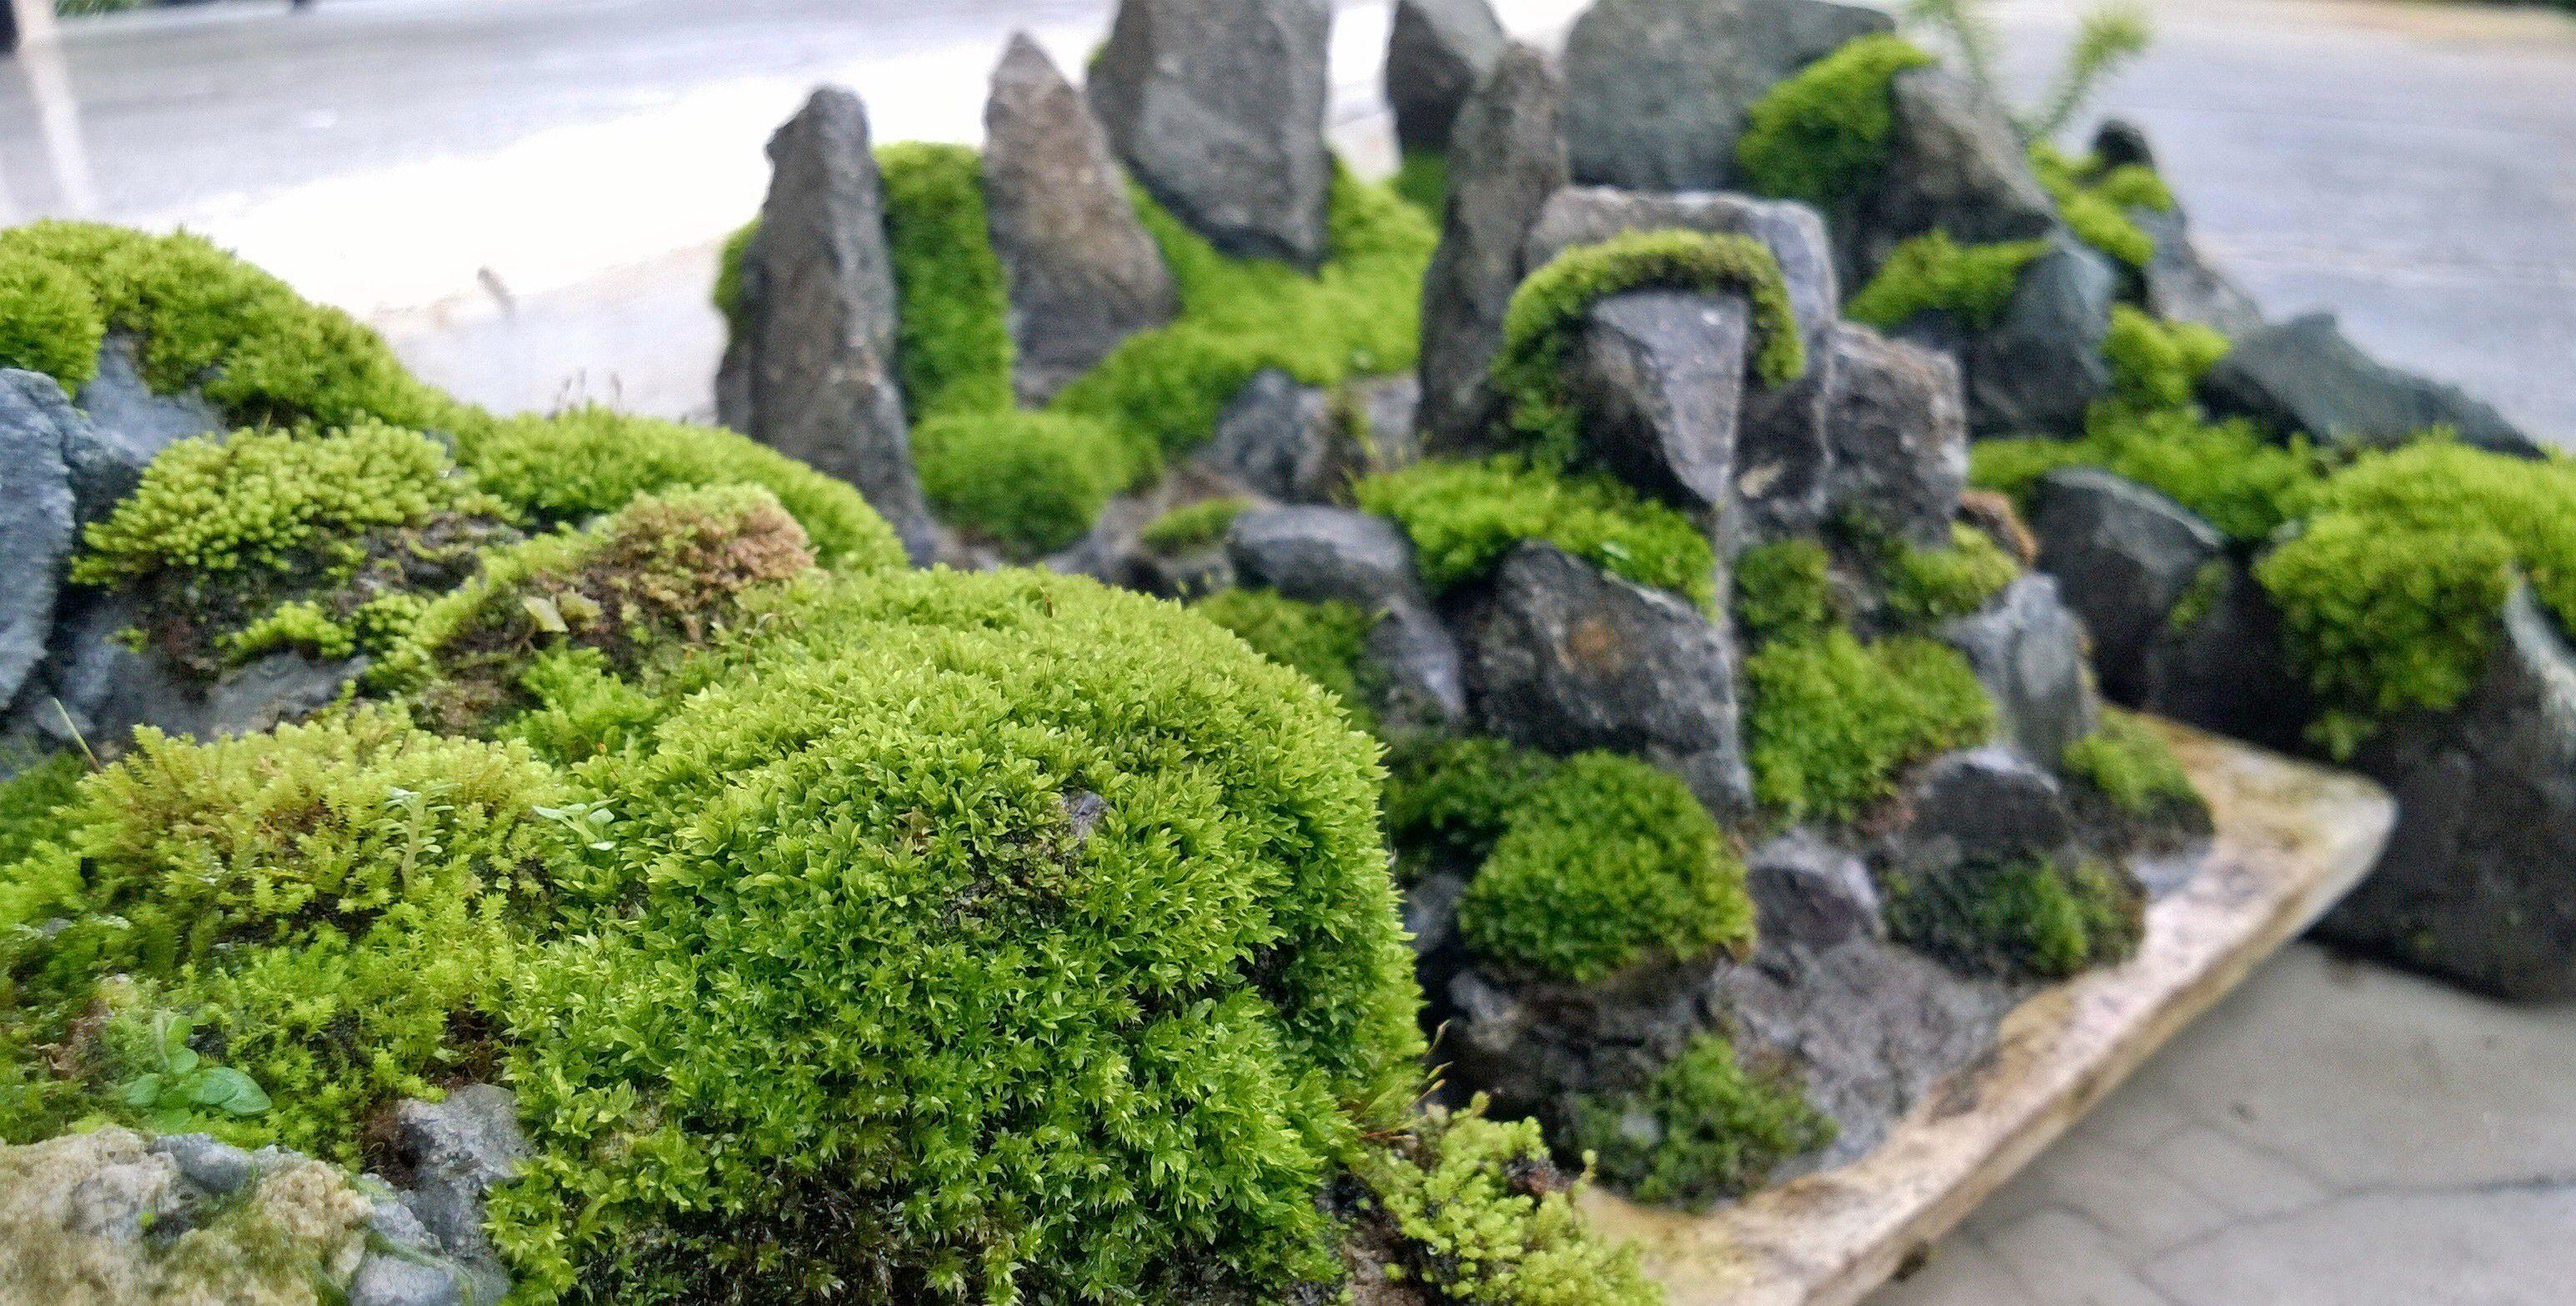 Moss Penjing For Your Penjing Bonsai Diy Bonsai Moss